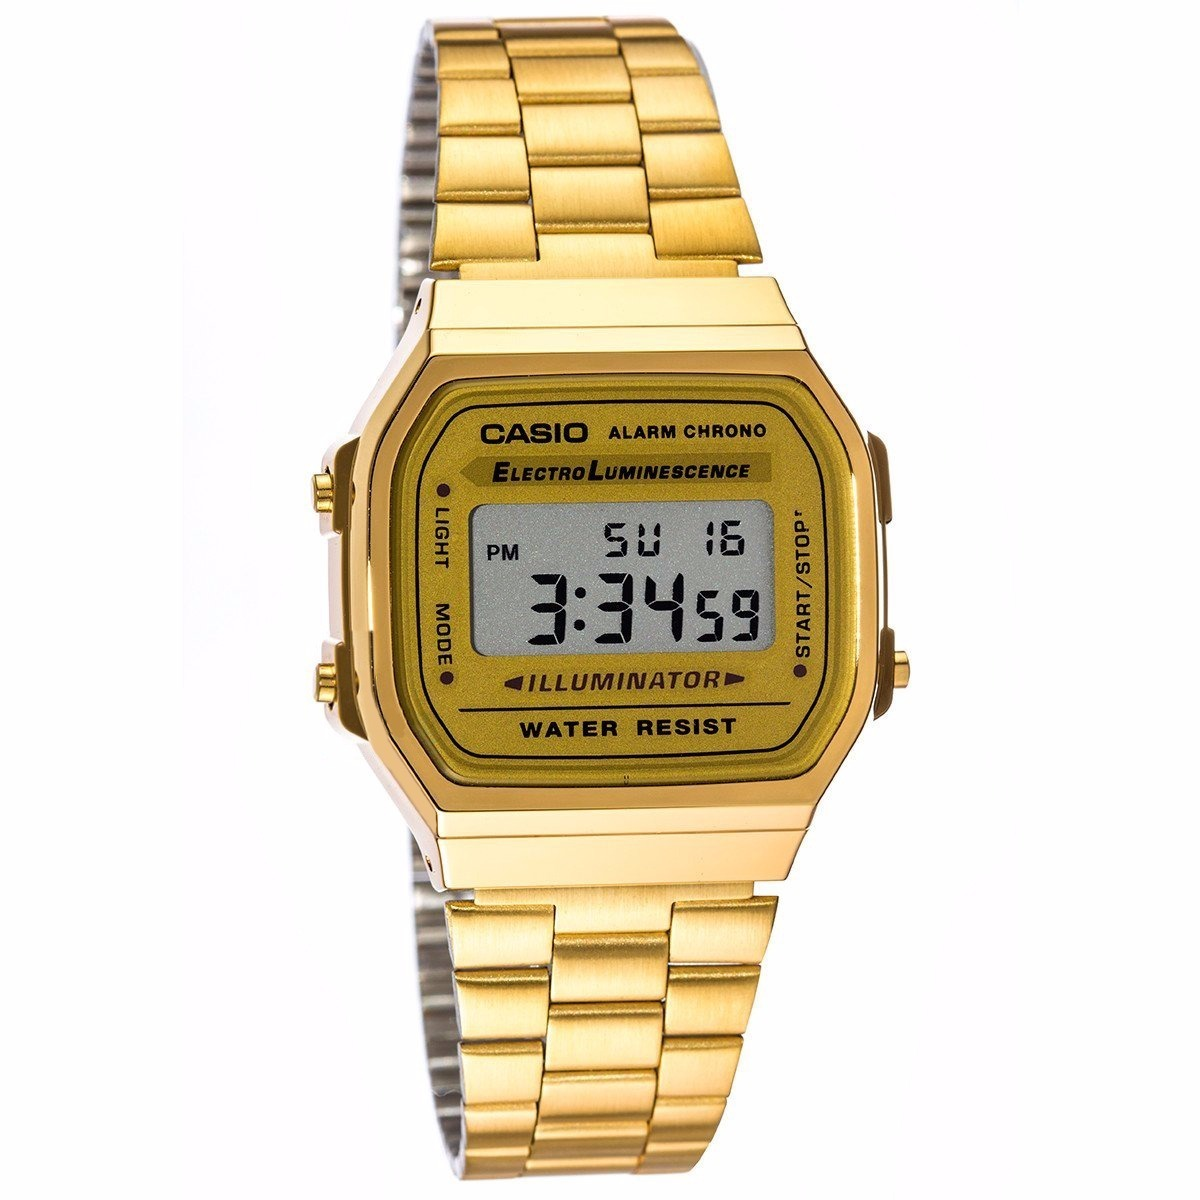 33f0e9f54eb9 reloj casio vintage a168 dorado original. Cargando zoom.